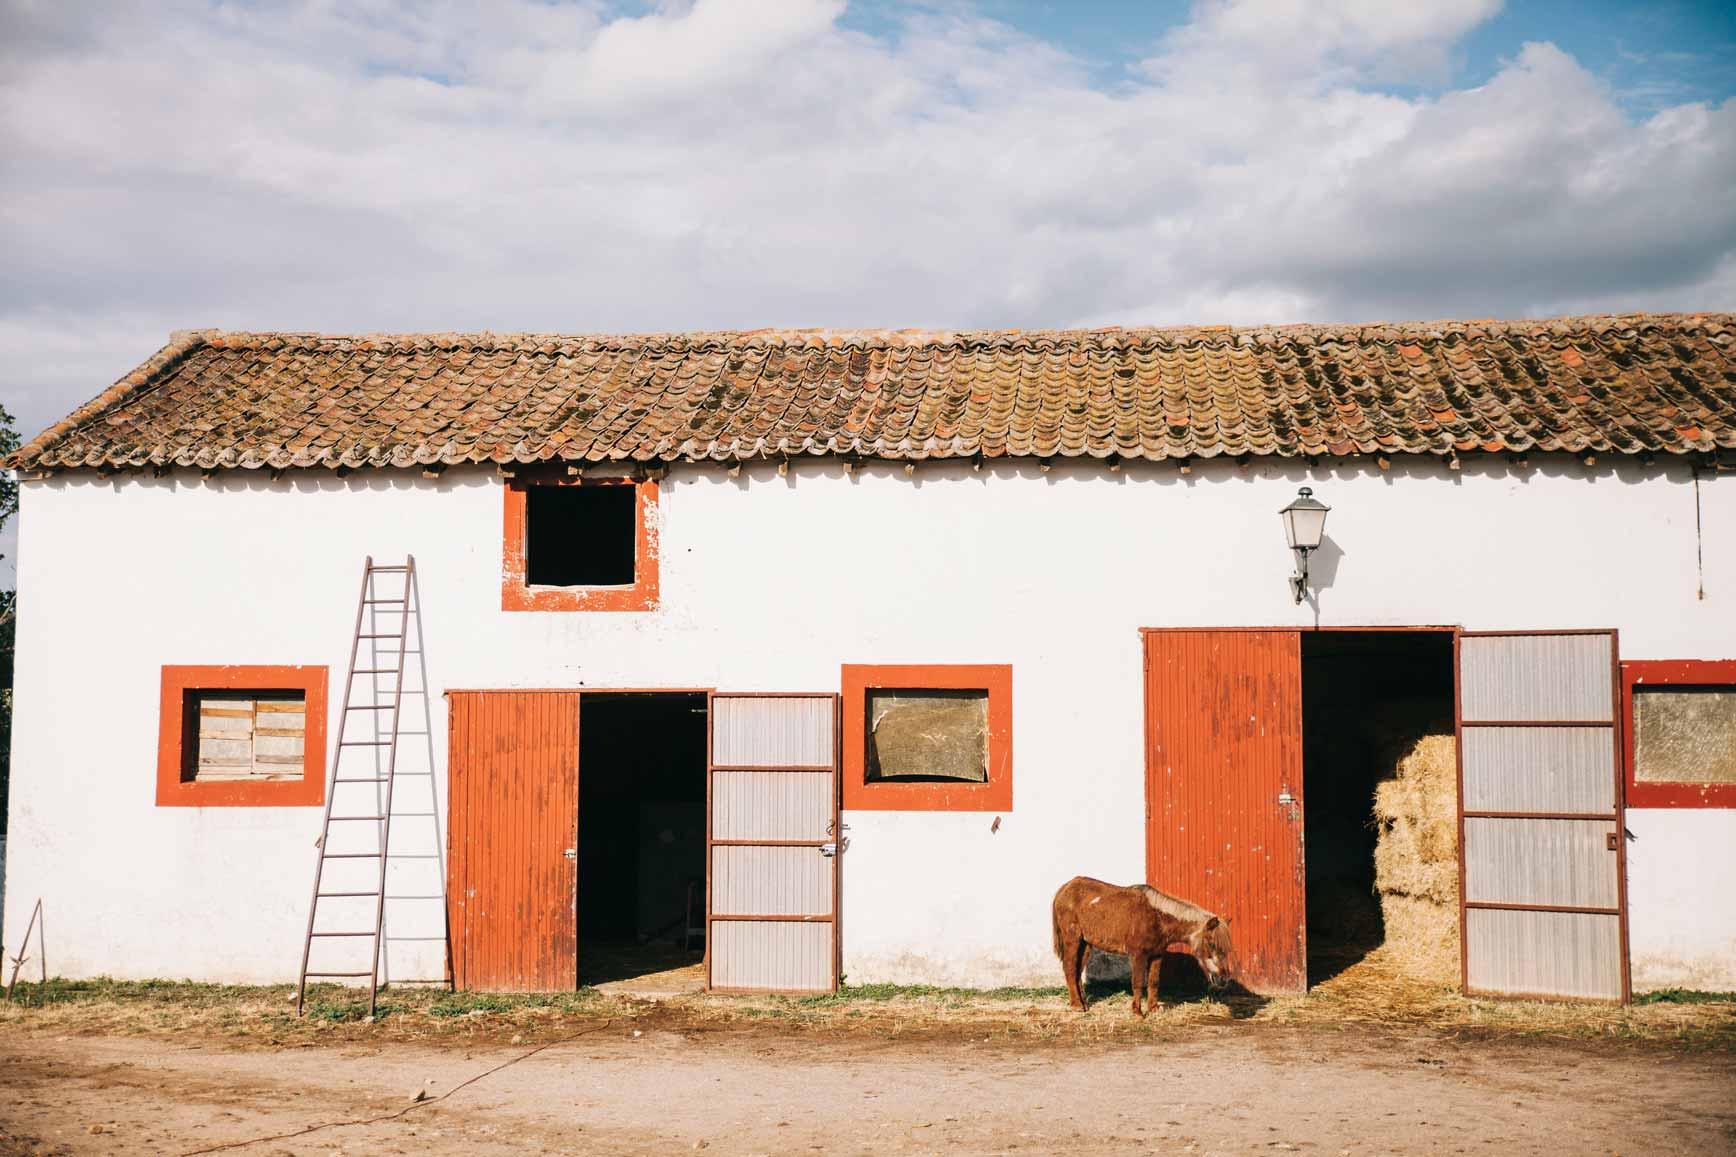 Ruta a Caballo - Caballos La Vereda_claraBmartin_47